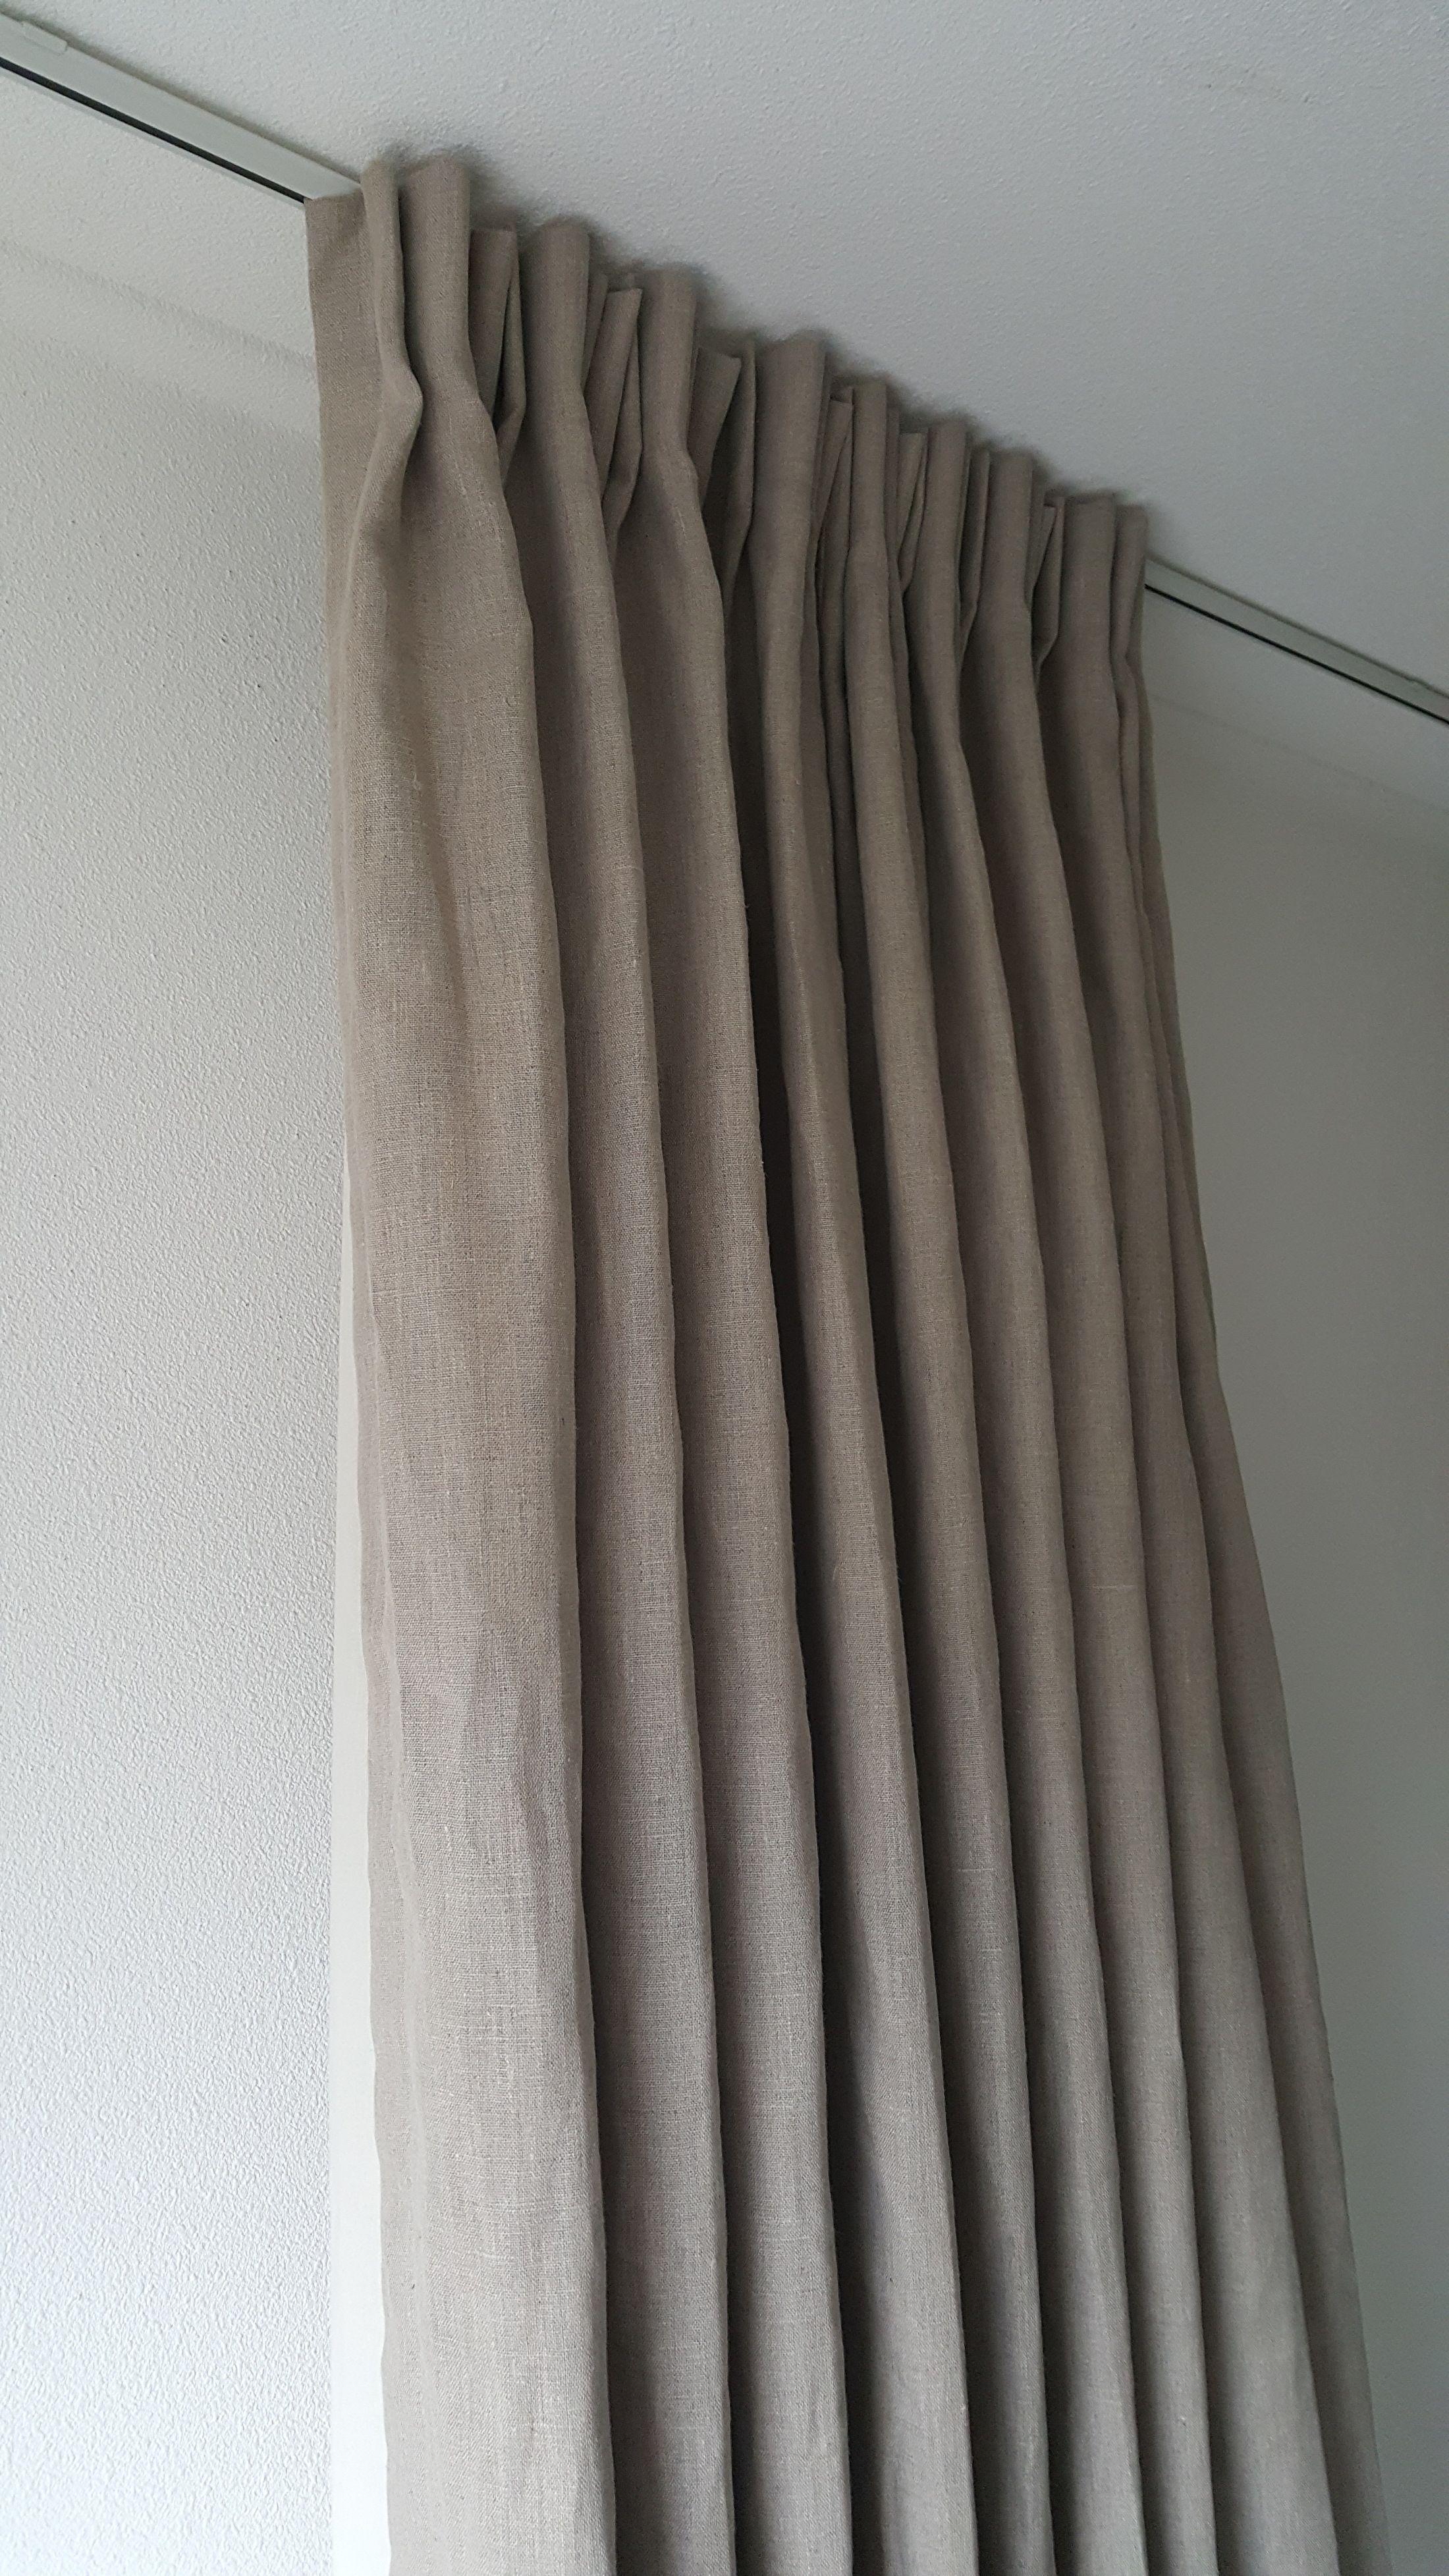 gordijnen linnen naturel yvoriwit gevoerd met katoen standaard maten op de website zijn incl ingestikte